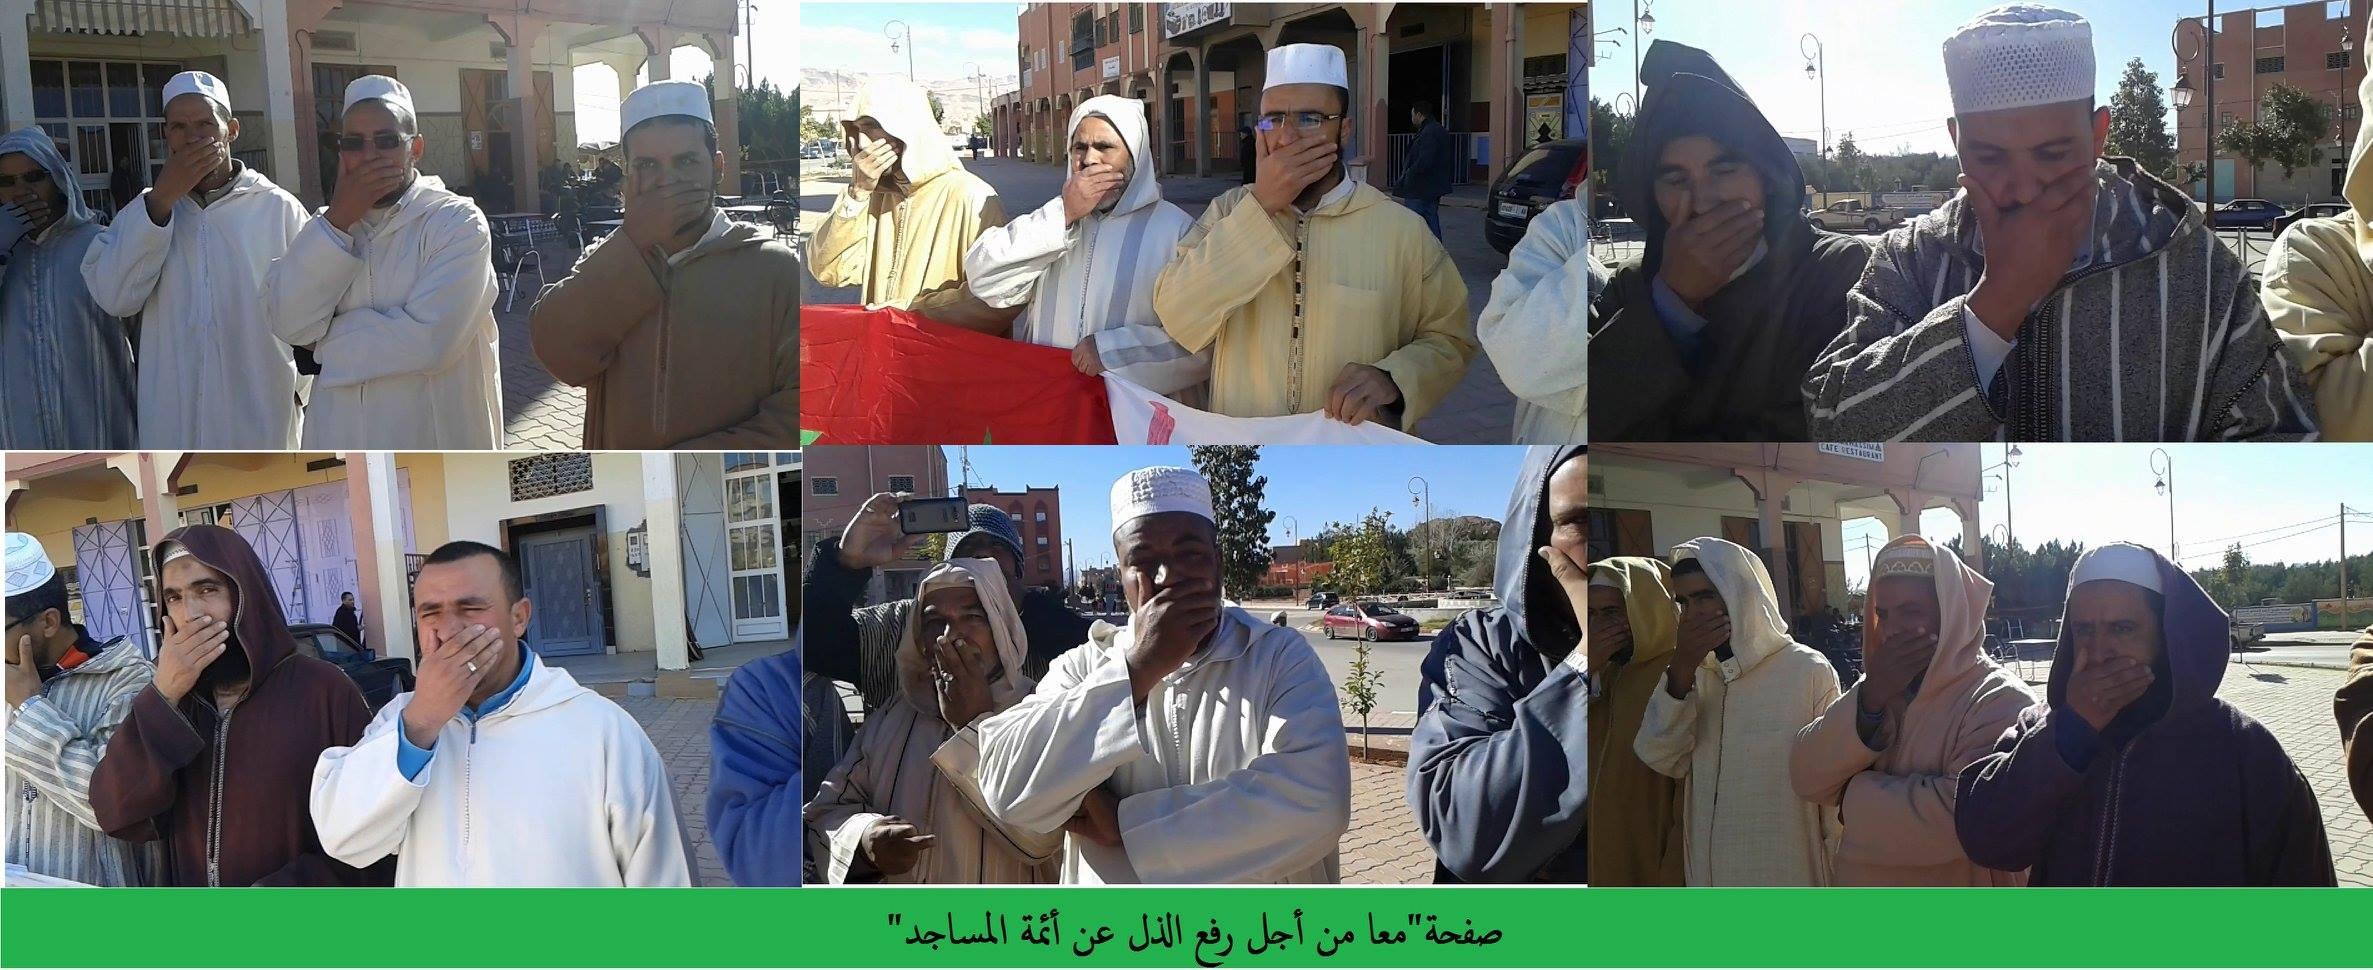 """احتجاجا على """" تكميم أئمة المساجد """""""